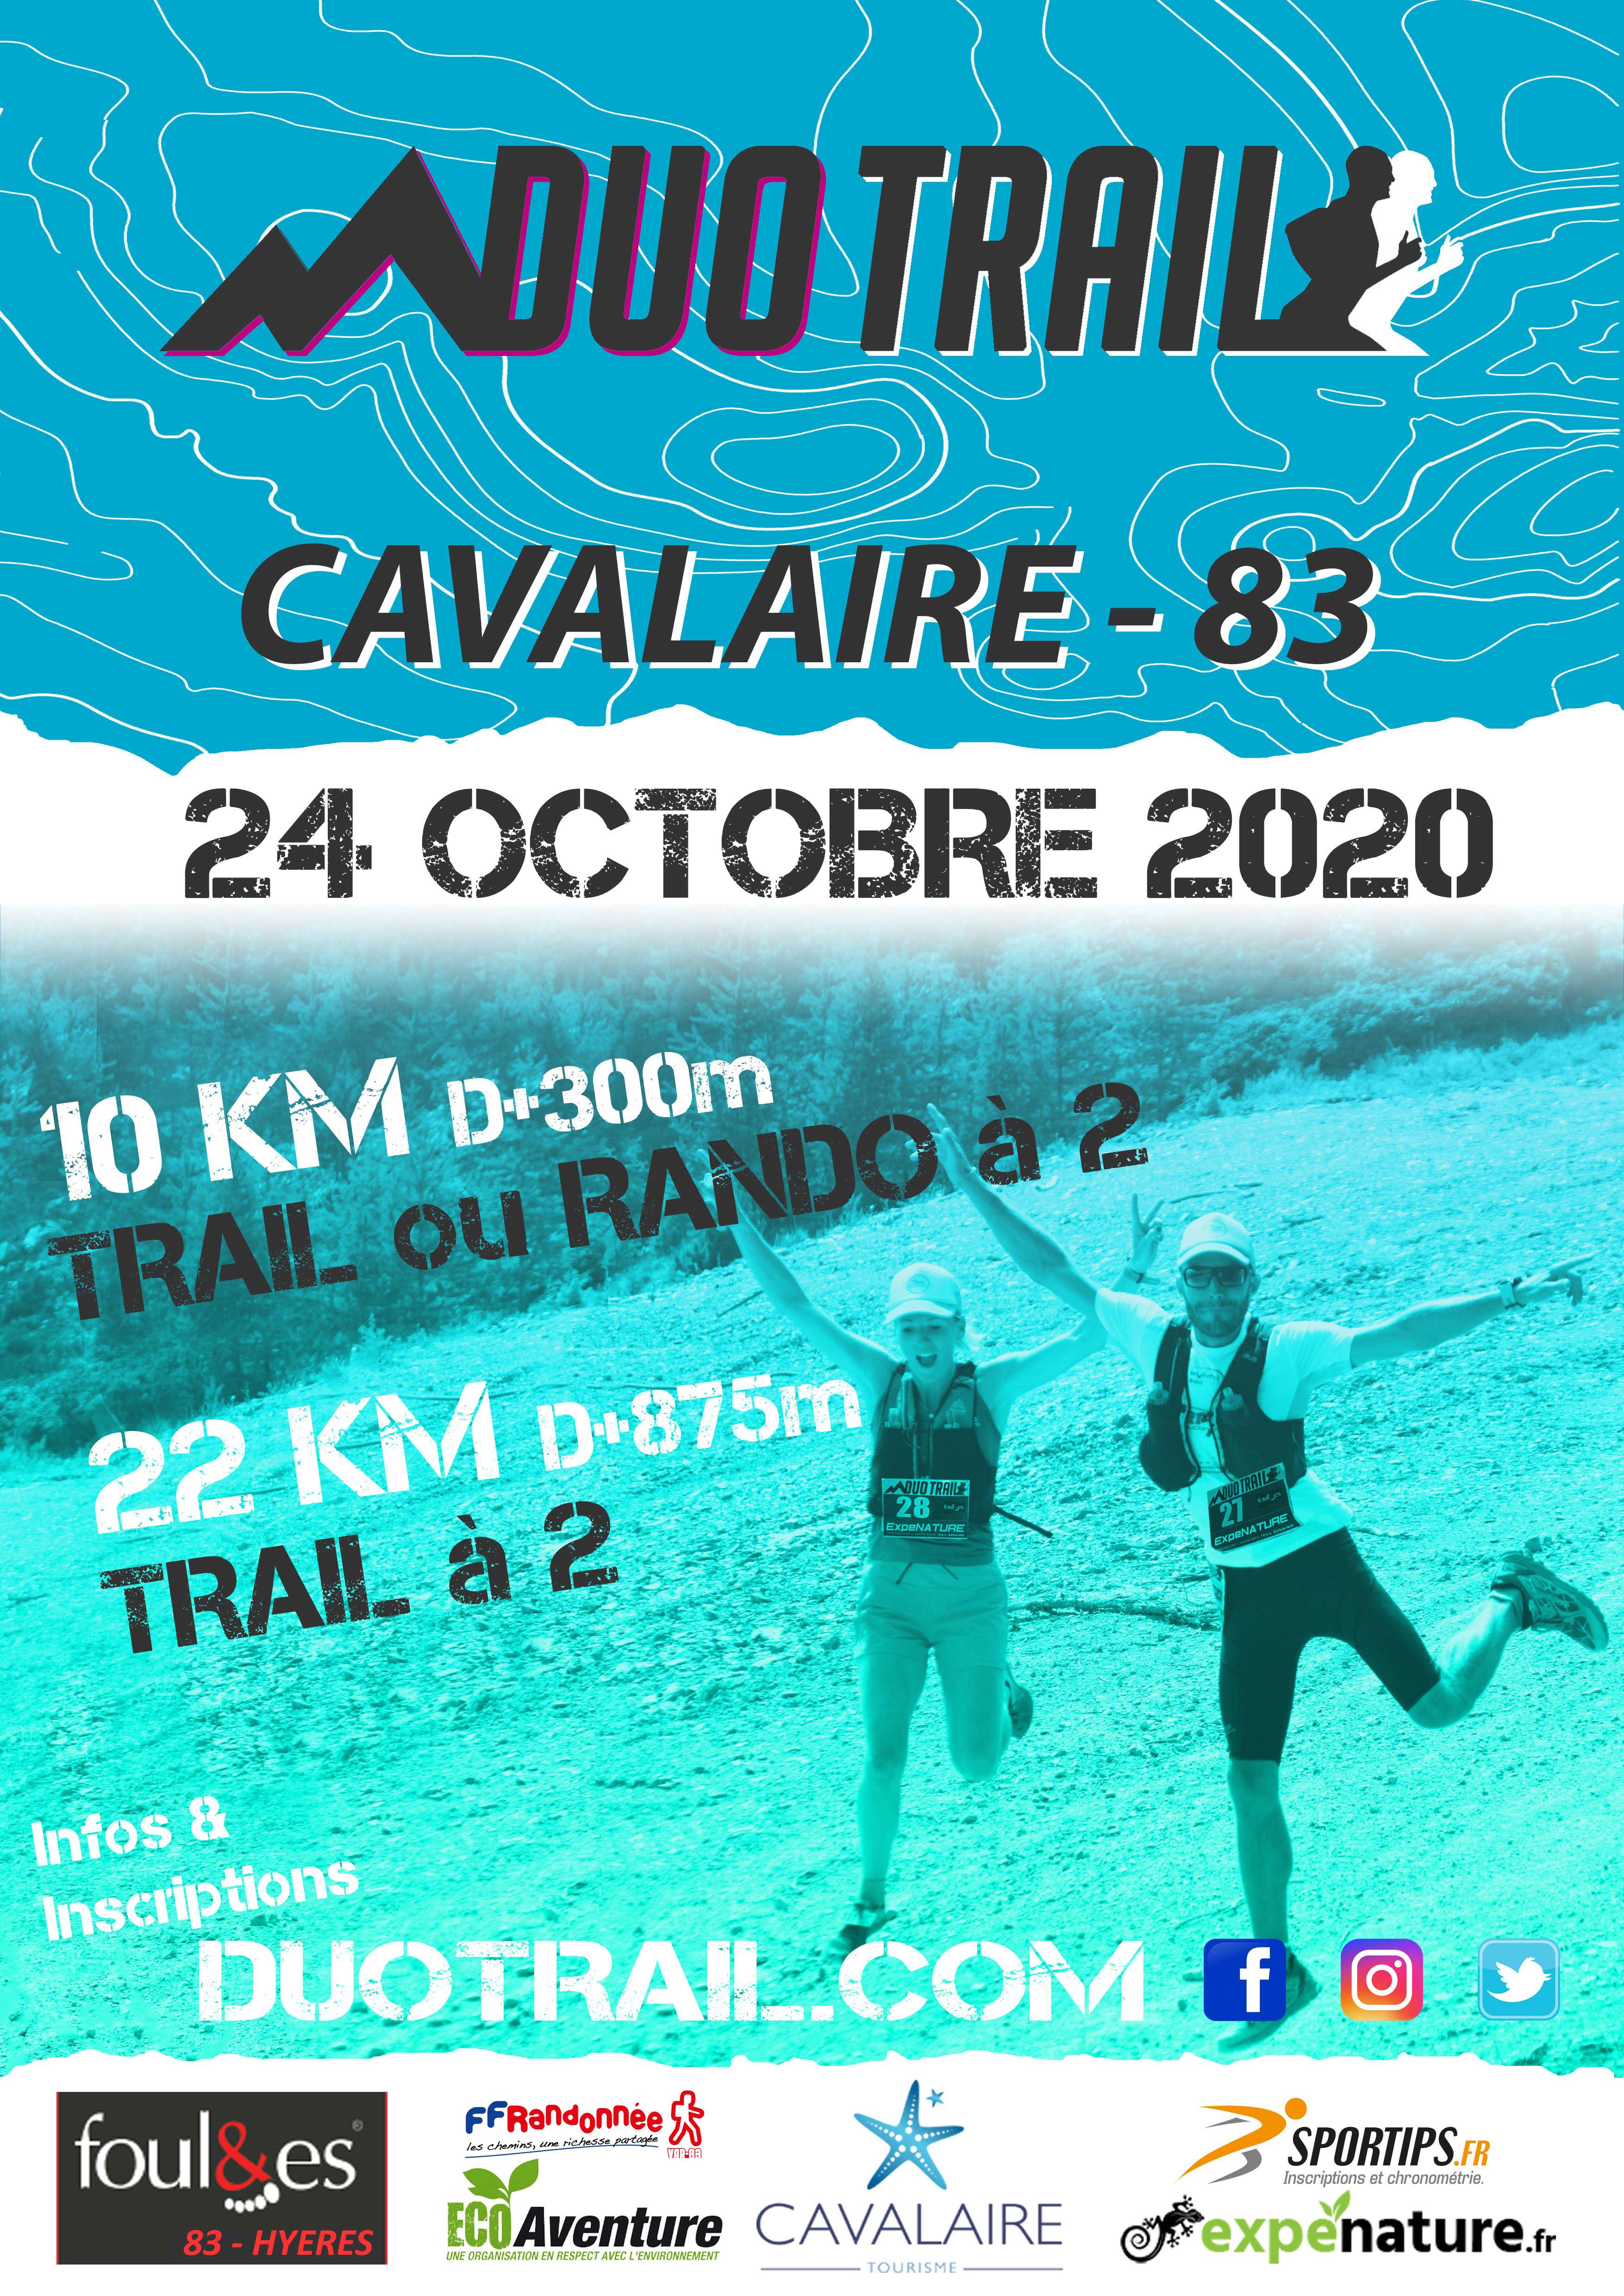 DUO TRAIL CAVALAIRE COTE D AZUR 24 octobre 2020